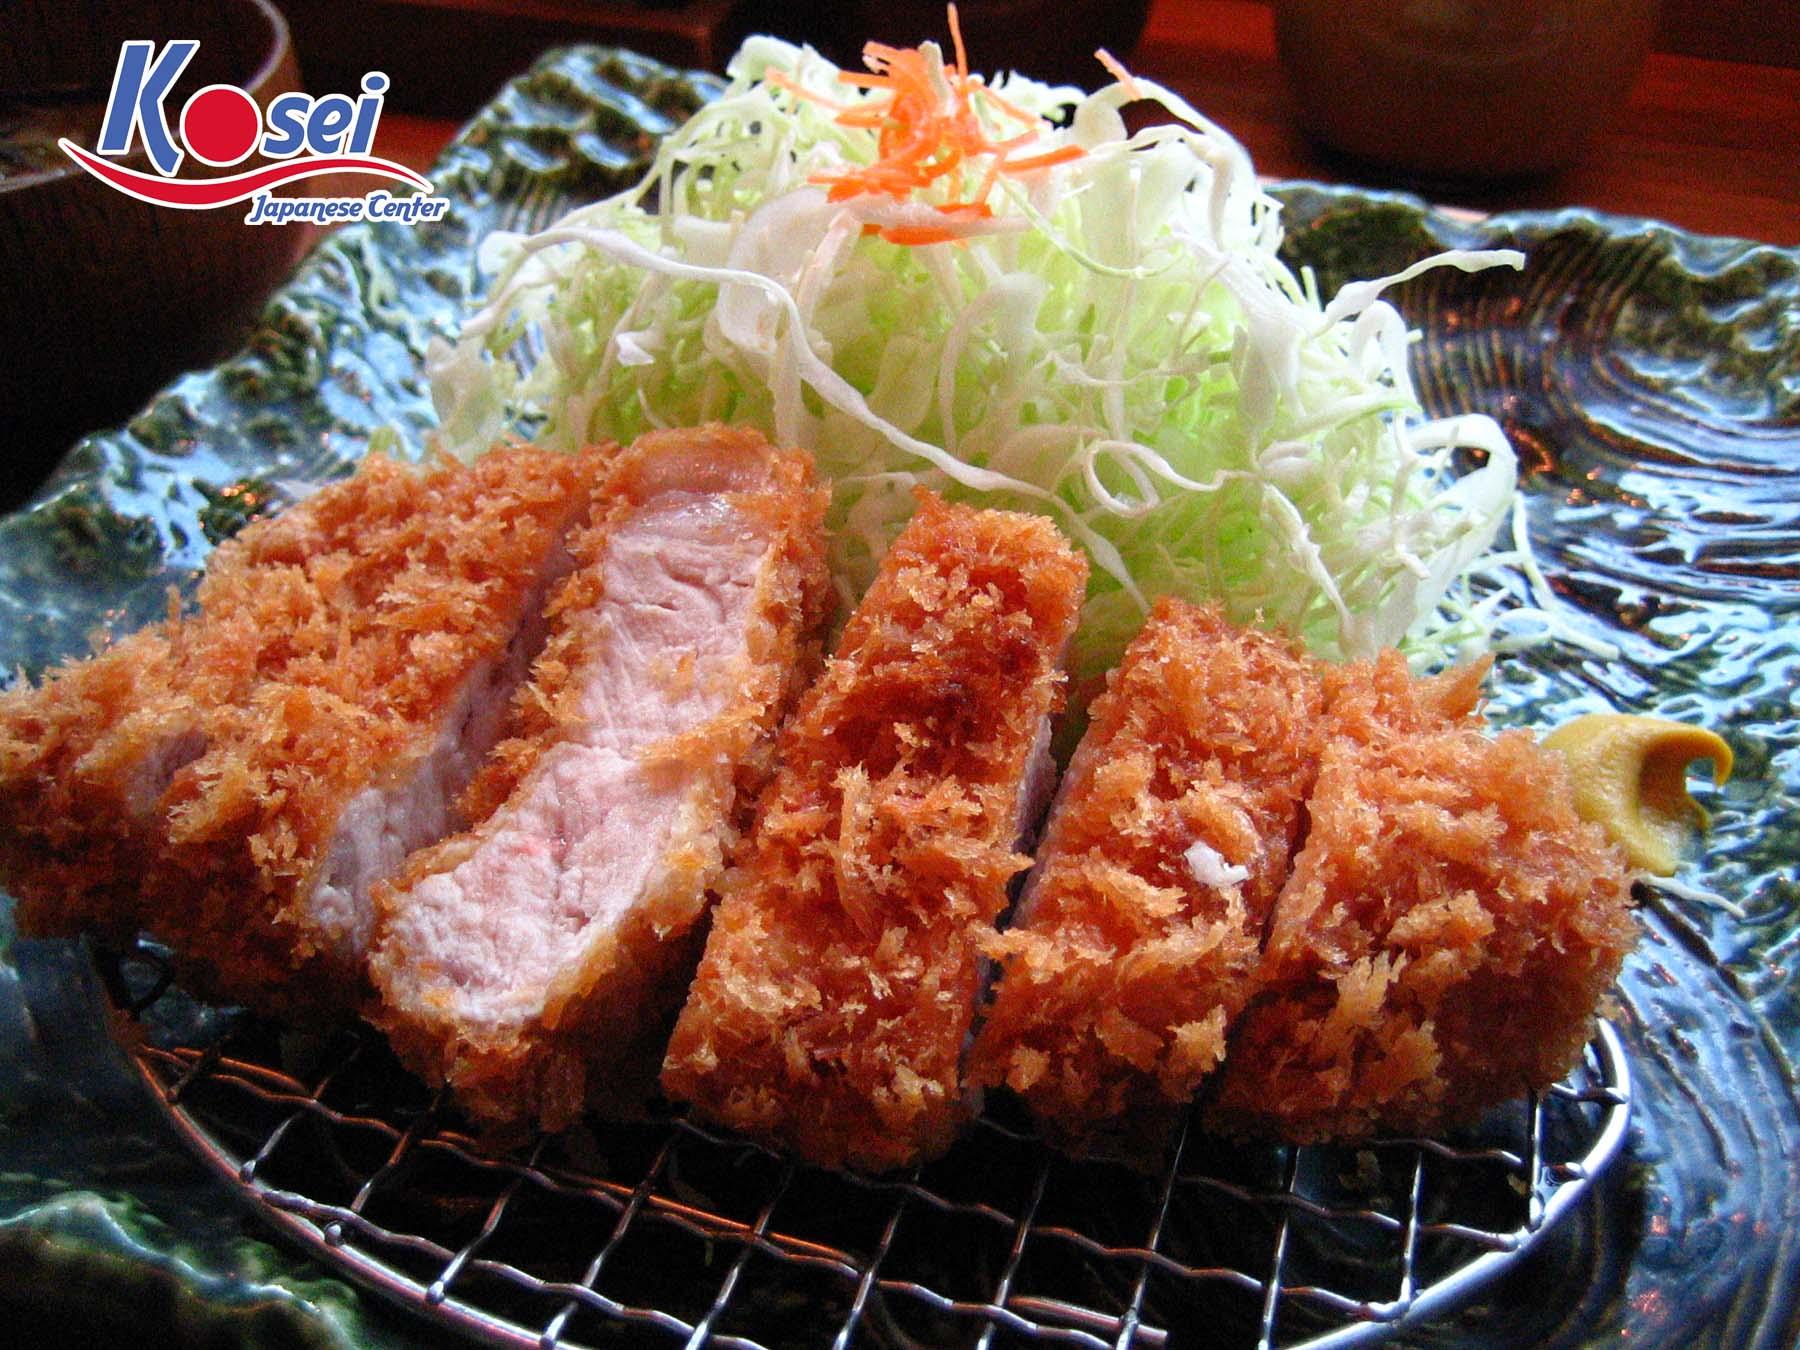 Muốn ăn thì lăn vào bếp, muốn học cách làm Tonkatsu chuẩn Nhật thì hãy theo dõi bài viết này!